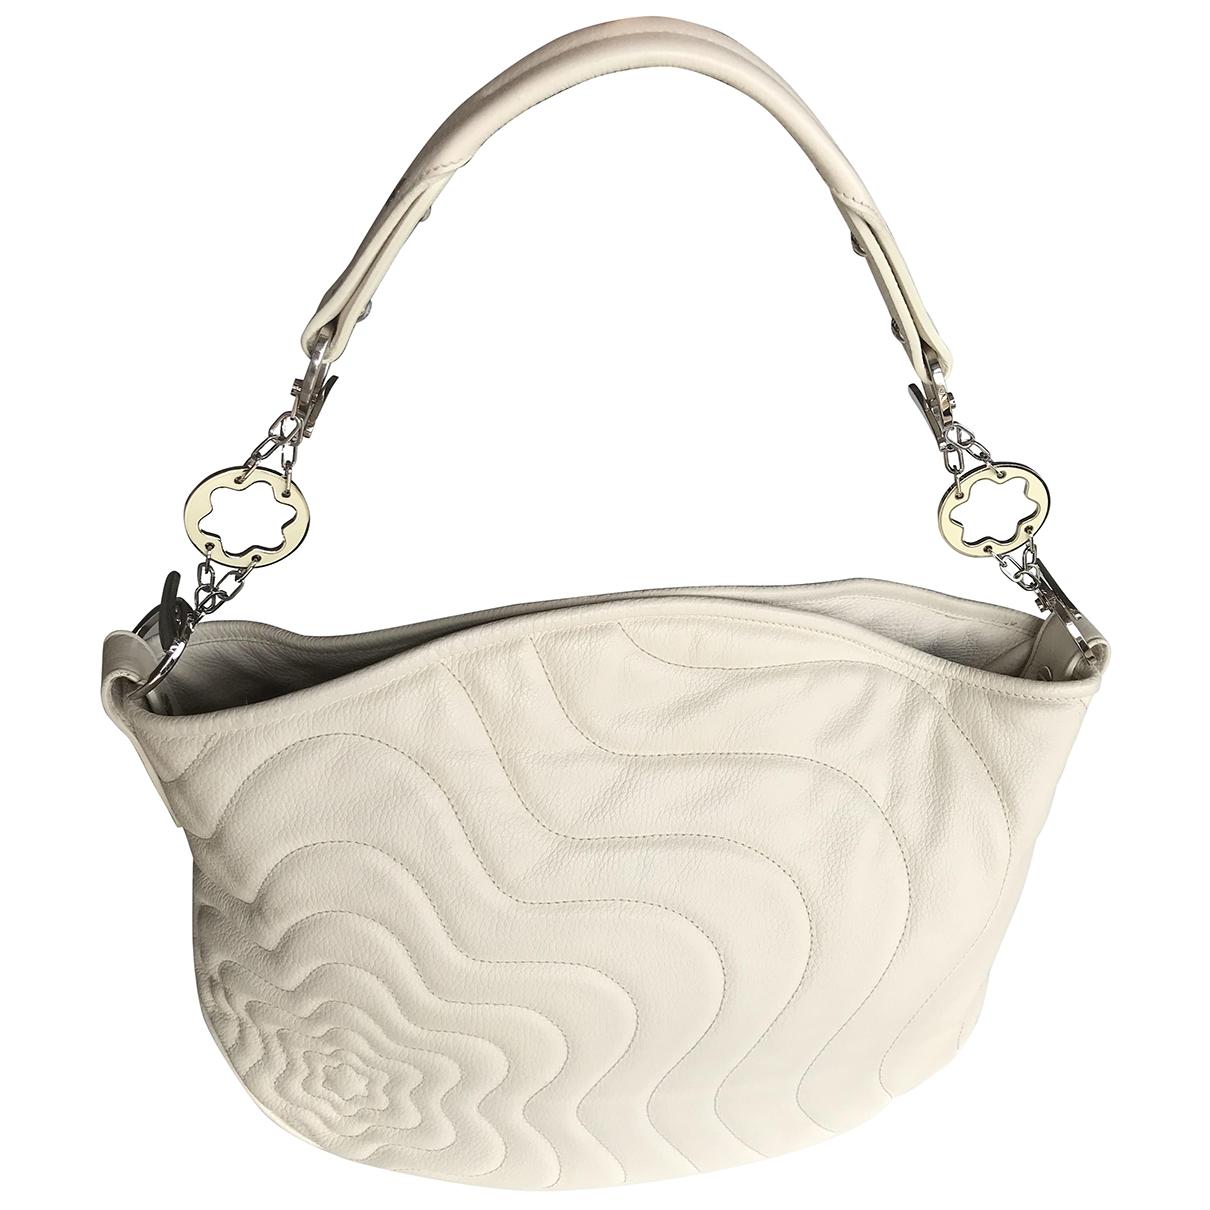 Montblanc \N Ecru Leather handbag for Women \N